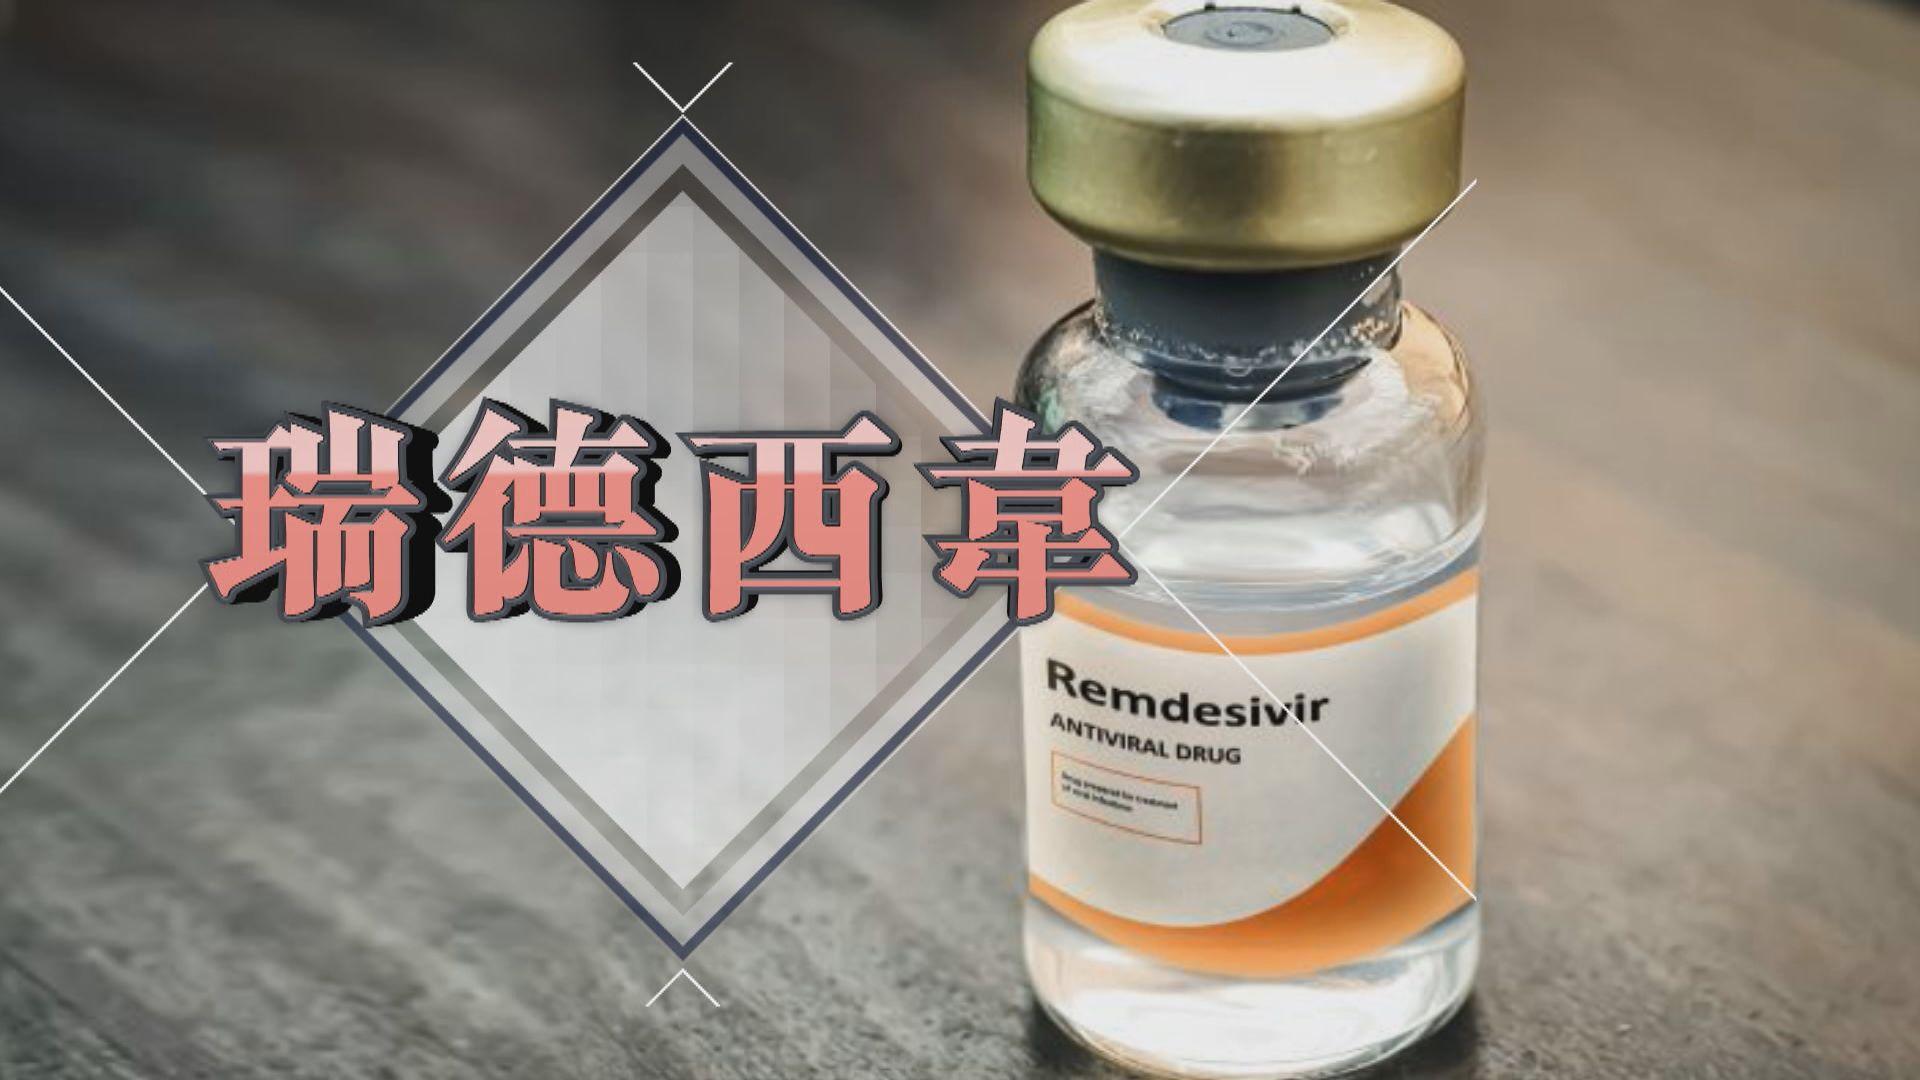 【新聞智庫】瑞德西韋對新冠肺炎的療效